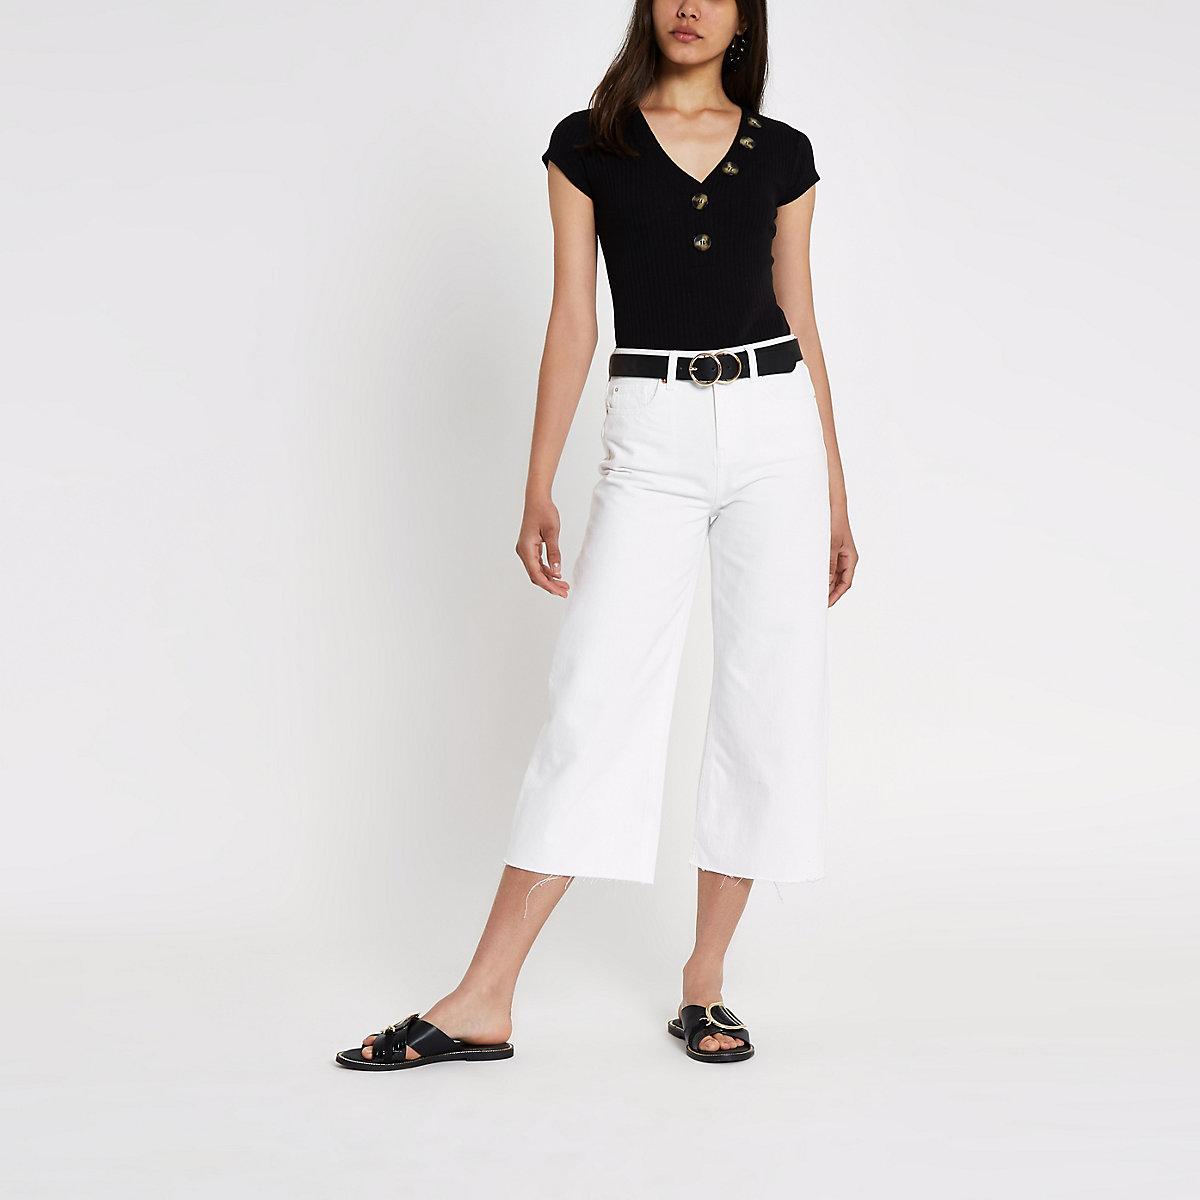 Zwarte geribbelde bodysuit met knopen en V-hals